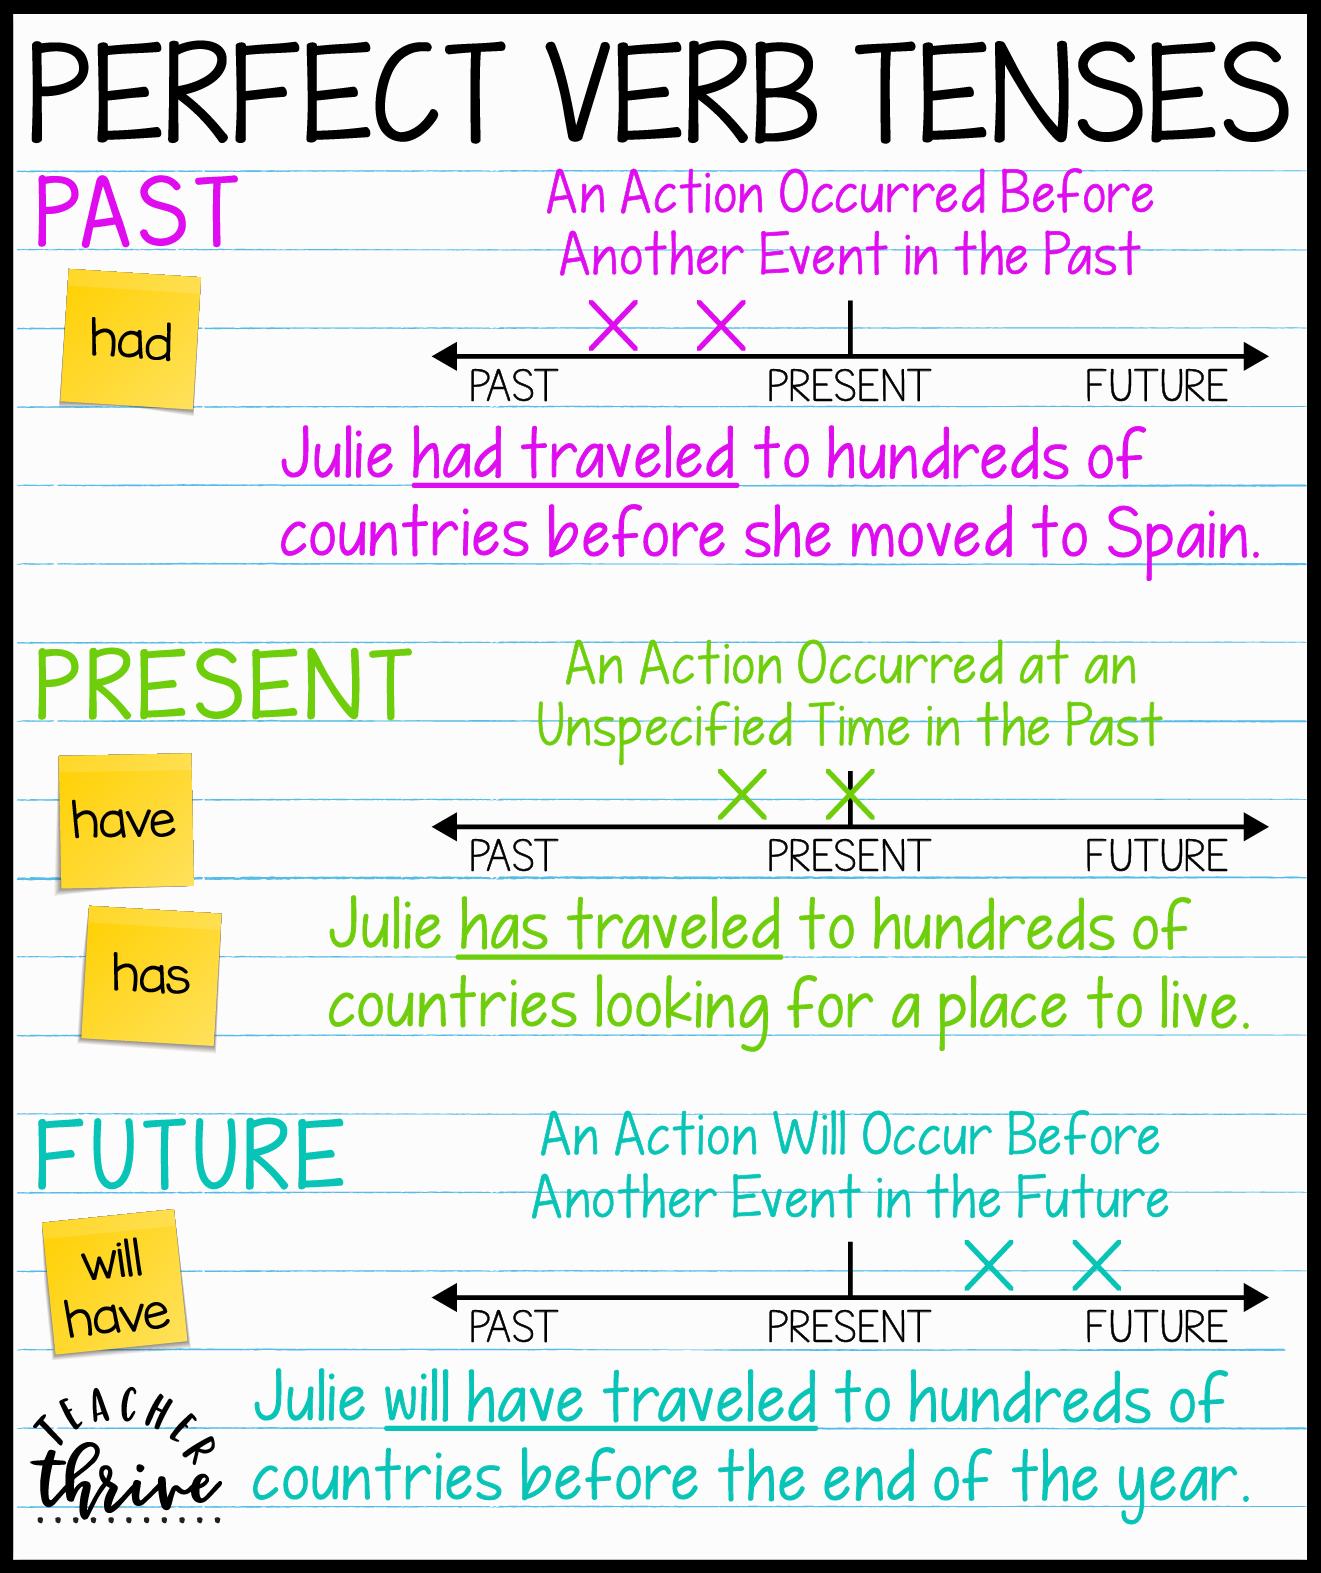 Teaching Verb Tenses Using Timelines